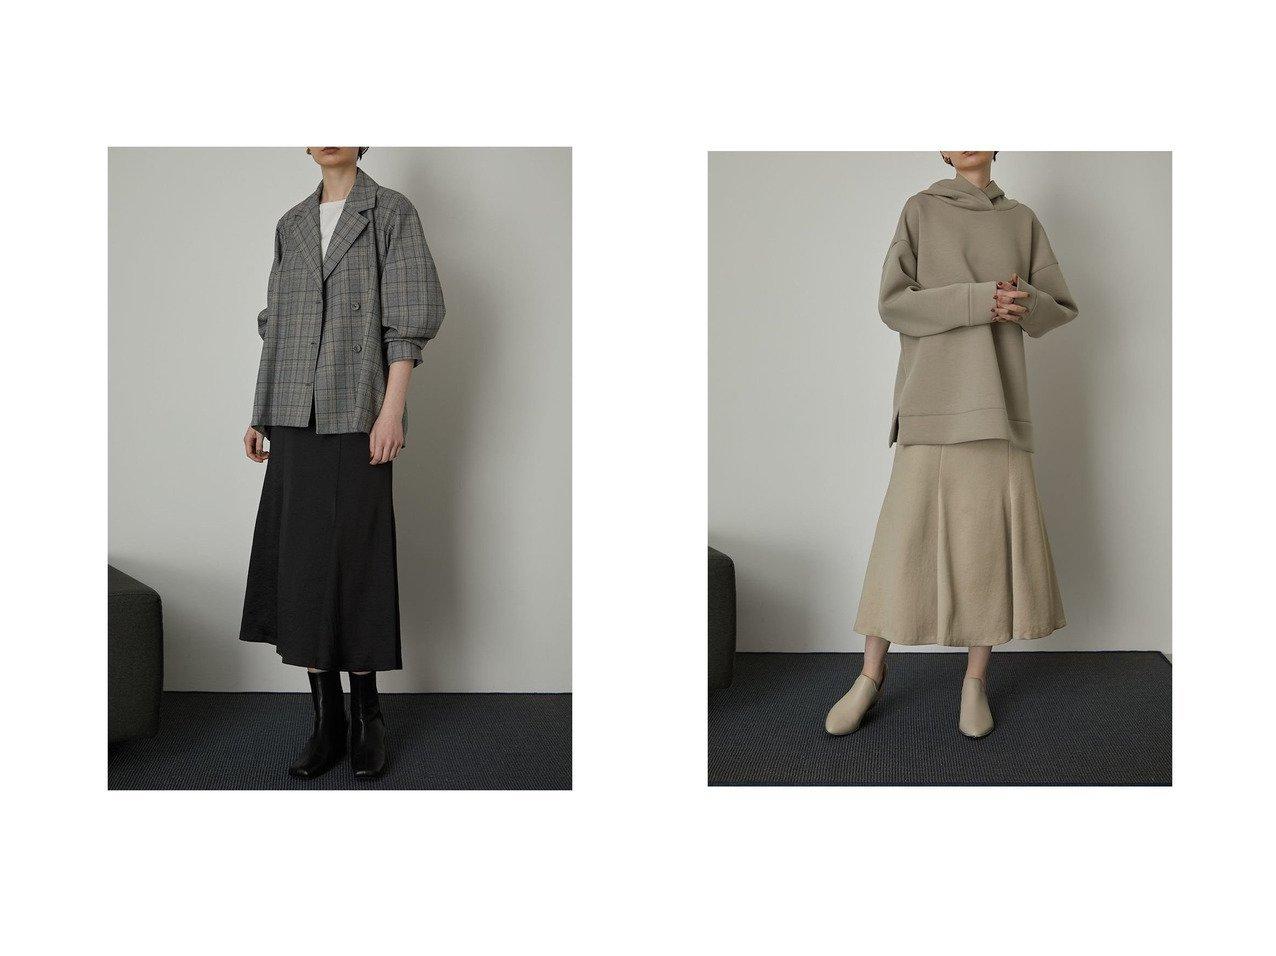 【RIM.ARK/リムアーク】のHem volume middle SK スカートのおすすめ!人気、トレンド・レディースファッションの通販 おすすめで人気の流行・トレンド、ファッションの通販商品 メンズファッション・キッズファッション・インテリア・家具・レディースファッション・服の通販 founy(ファニー) https://founy.com/ ファッション Fashion レディースファッション WOMEN スカート Skirt Aライン/フレアスカート Flared A-Line Skirts NEW・新作・新着・新入荷 New Arrivals おすすめ Recommend ギャザー サテン フレア |ID:crp329100000024495